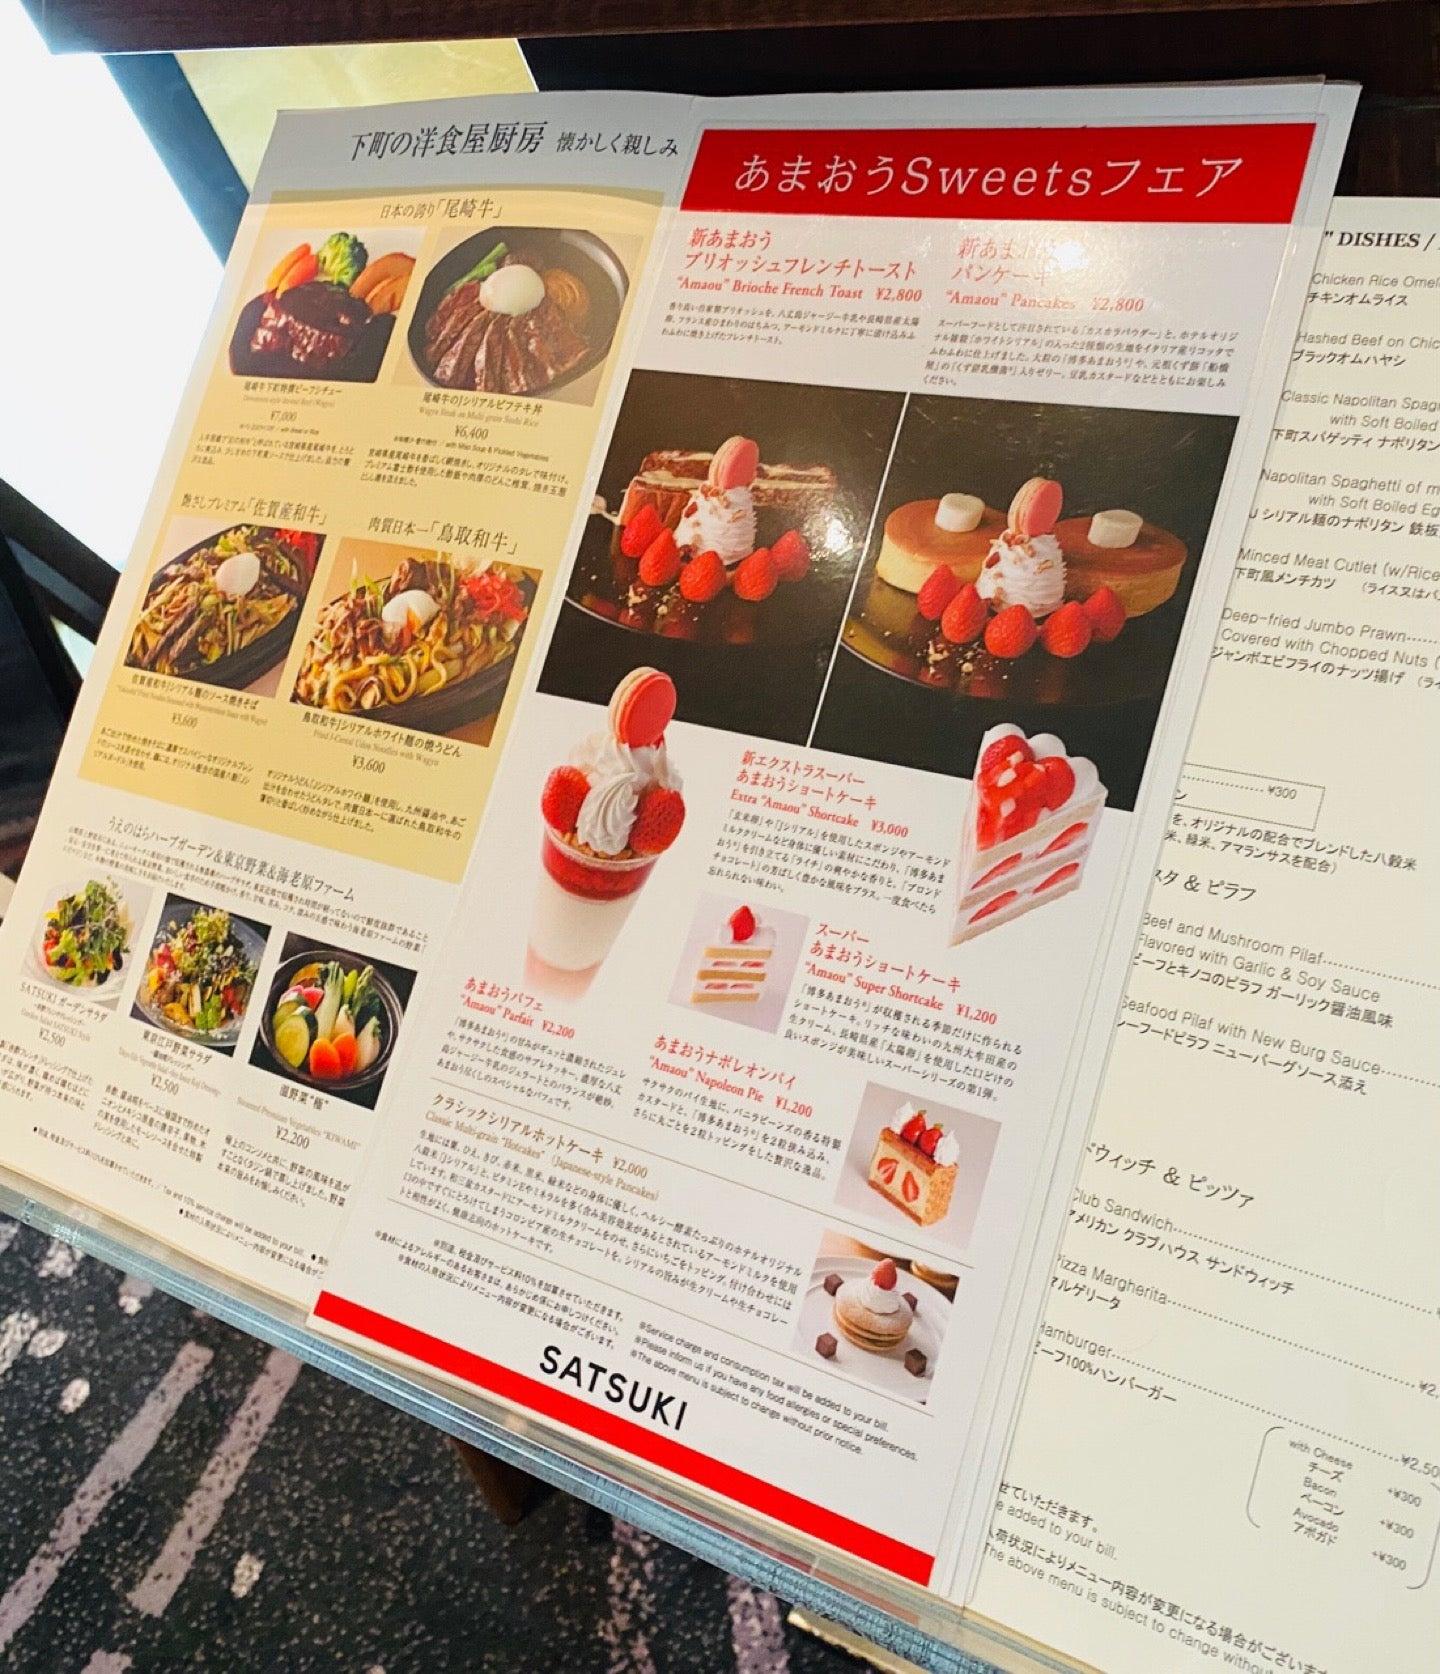 菅官房長官で話題だったパンケーキを食べに。 (@ SATSUKI in 千代田区, 東京都) https://t.co/1lheNaUpg5 https://t.co/2qsotPJJIH